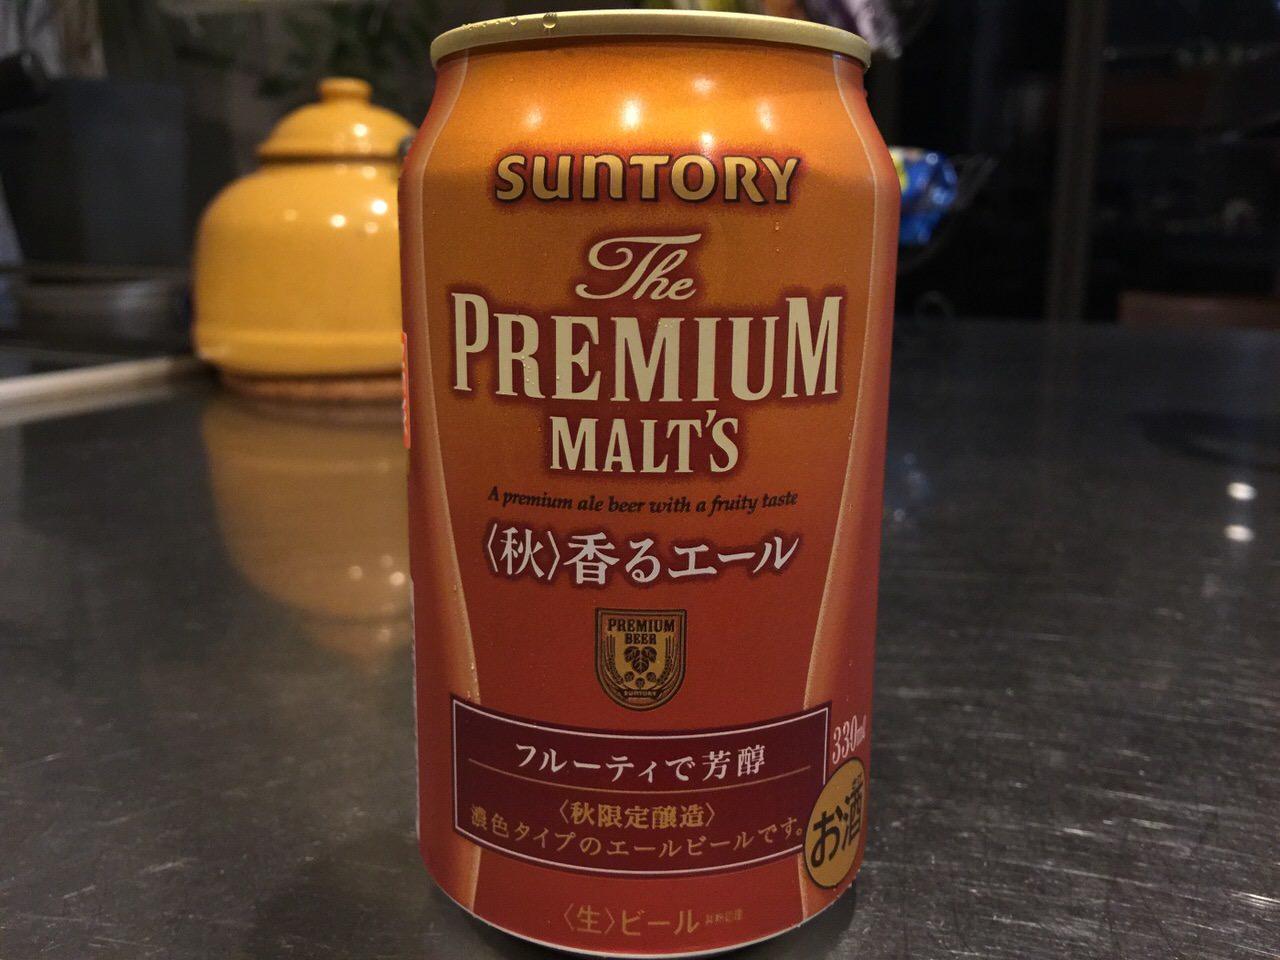 Premium malts ale 8571